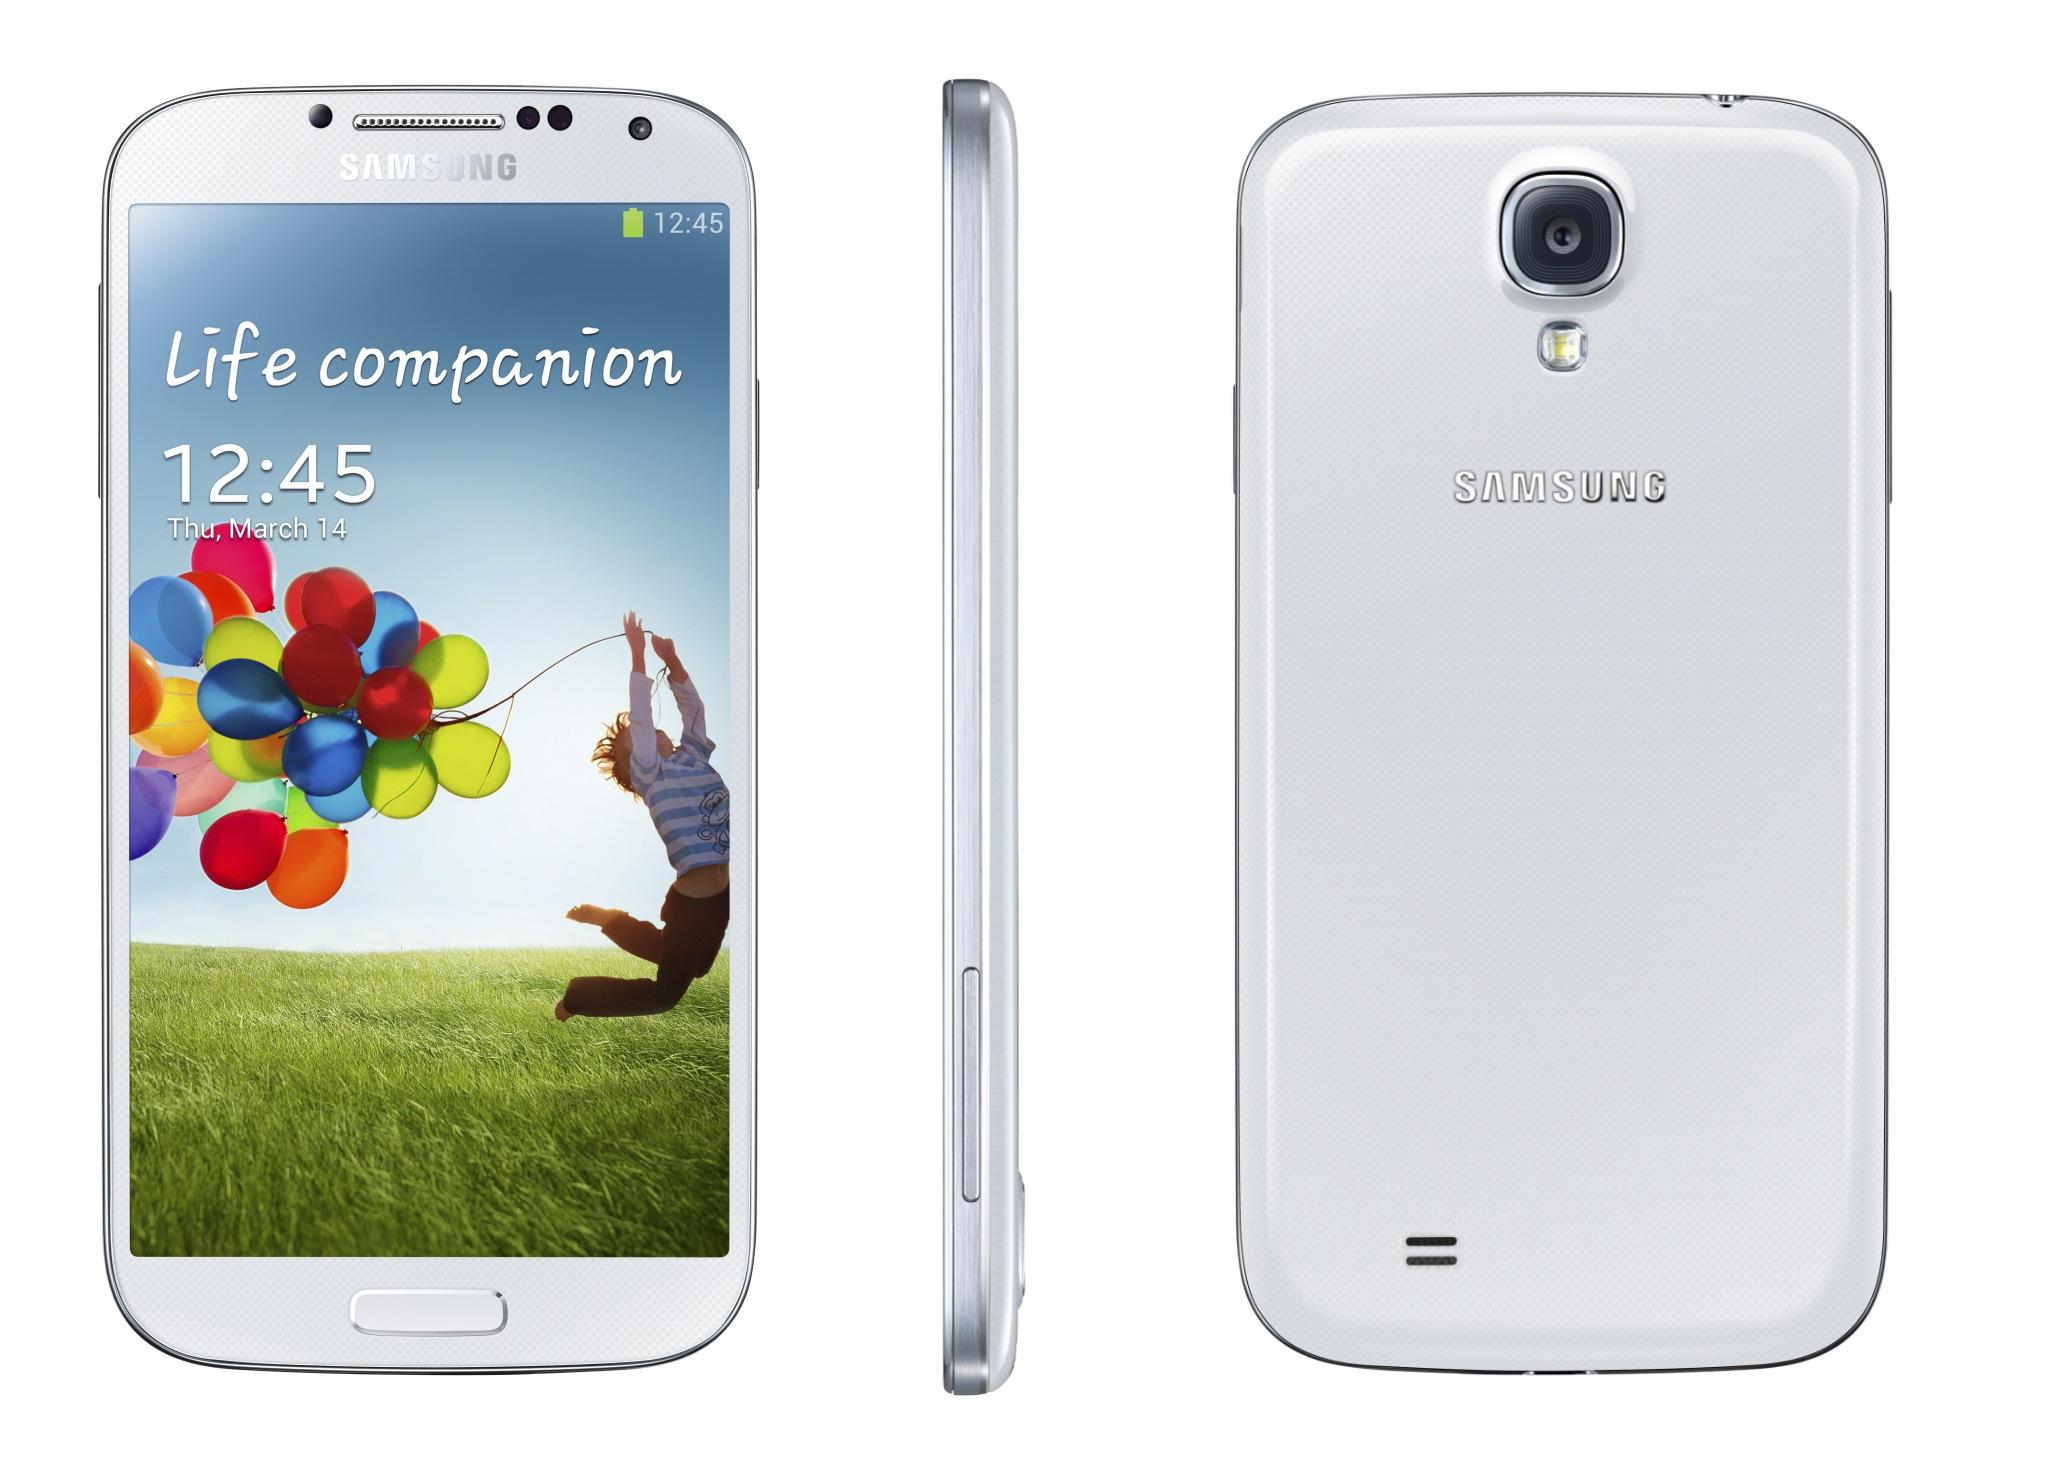 Galaxy S 4